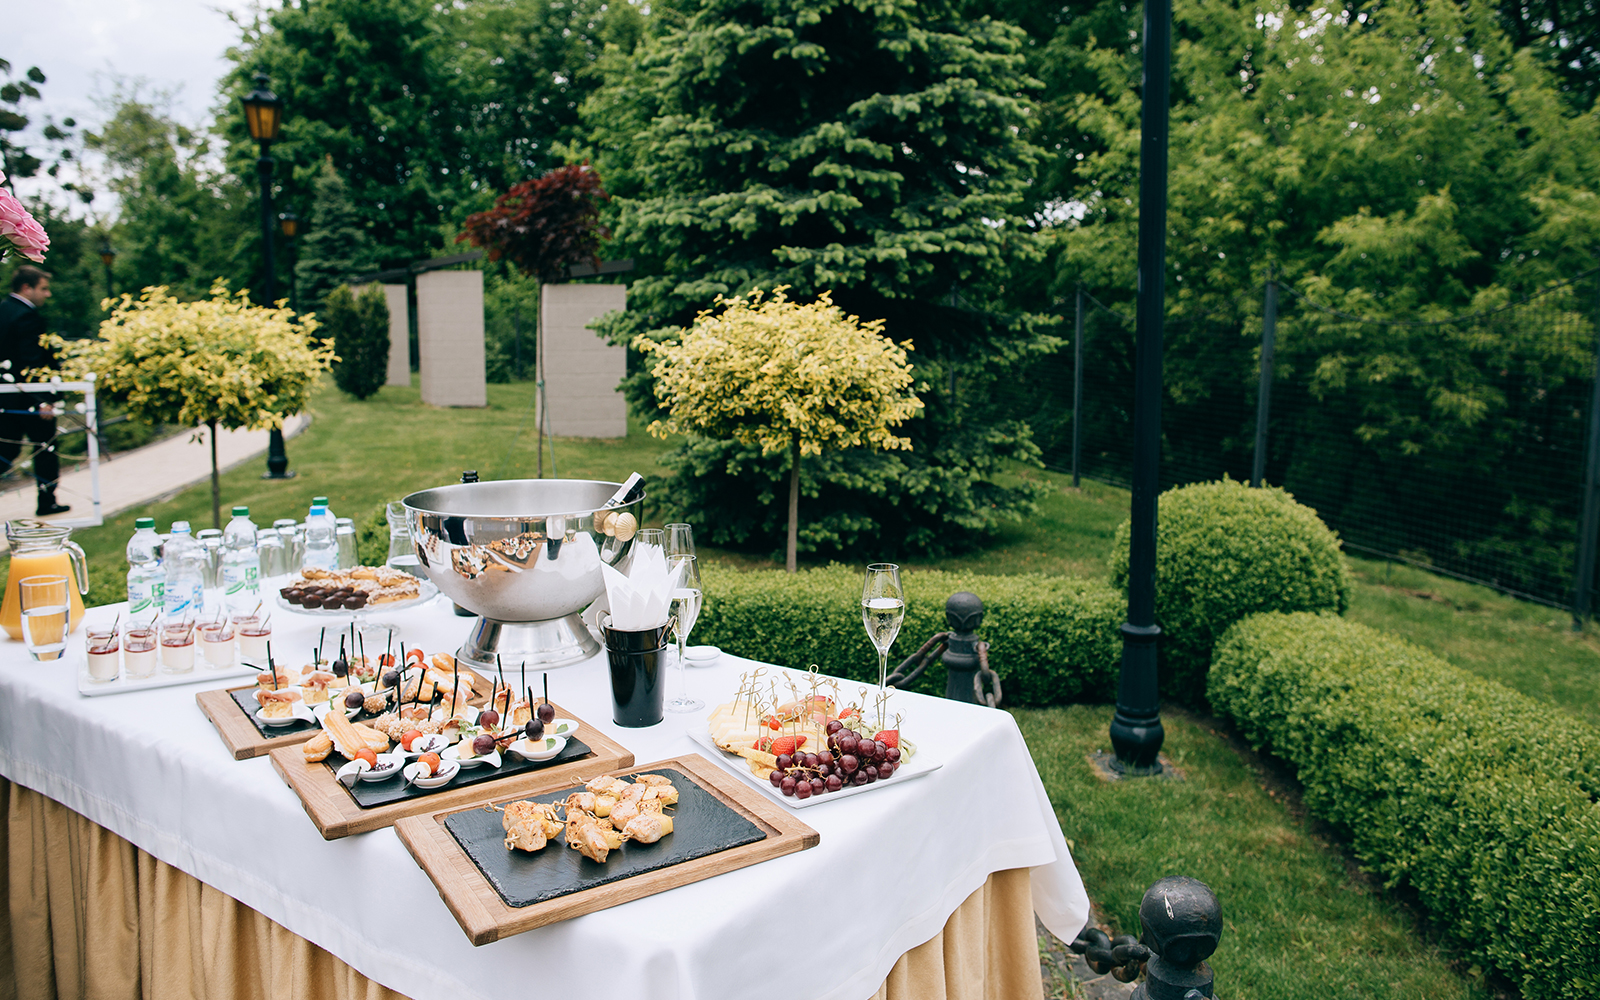 un tavolo apparecchiato in un giardino con tartine, frutta, bottiglie d'acqua e altro